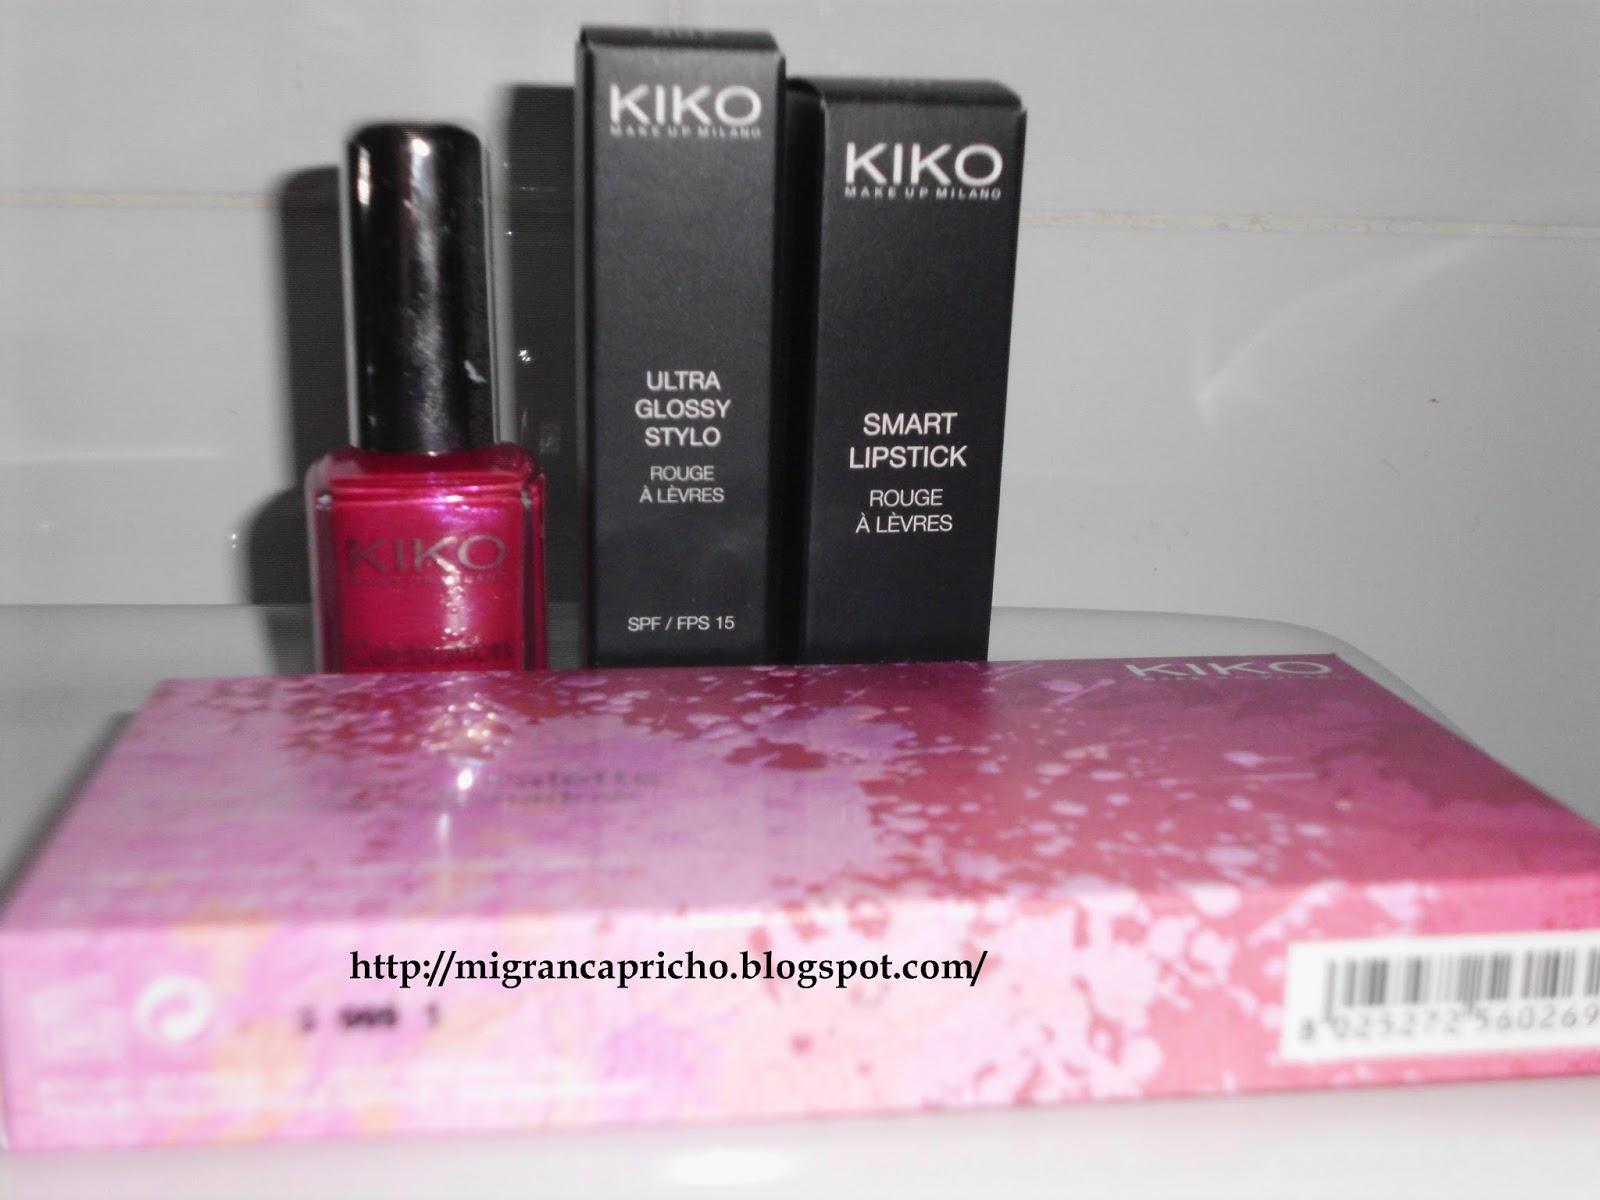 Kiko cosmetics mi dolce belleza blog de cosmetica y - Pintaunas kiko efecto espejo ...